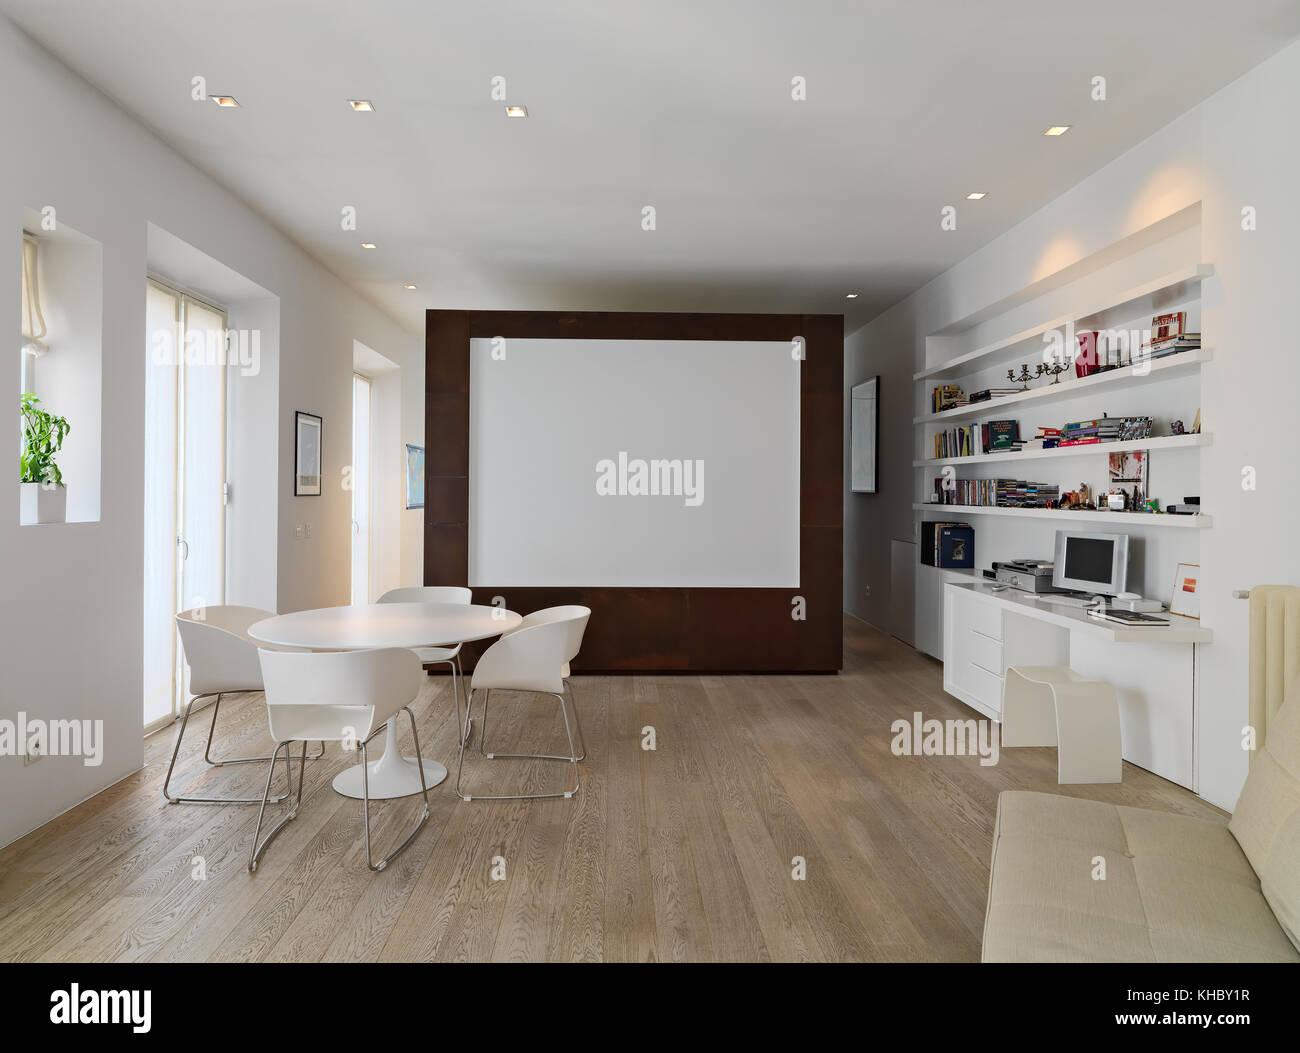 Tavolo Da Soggiorno Con Sedie.Scatti Di Interni Di Un Moderno Soggiorno In Primo Piano Il Bianco